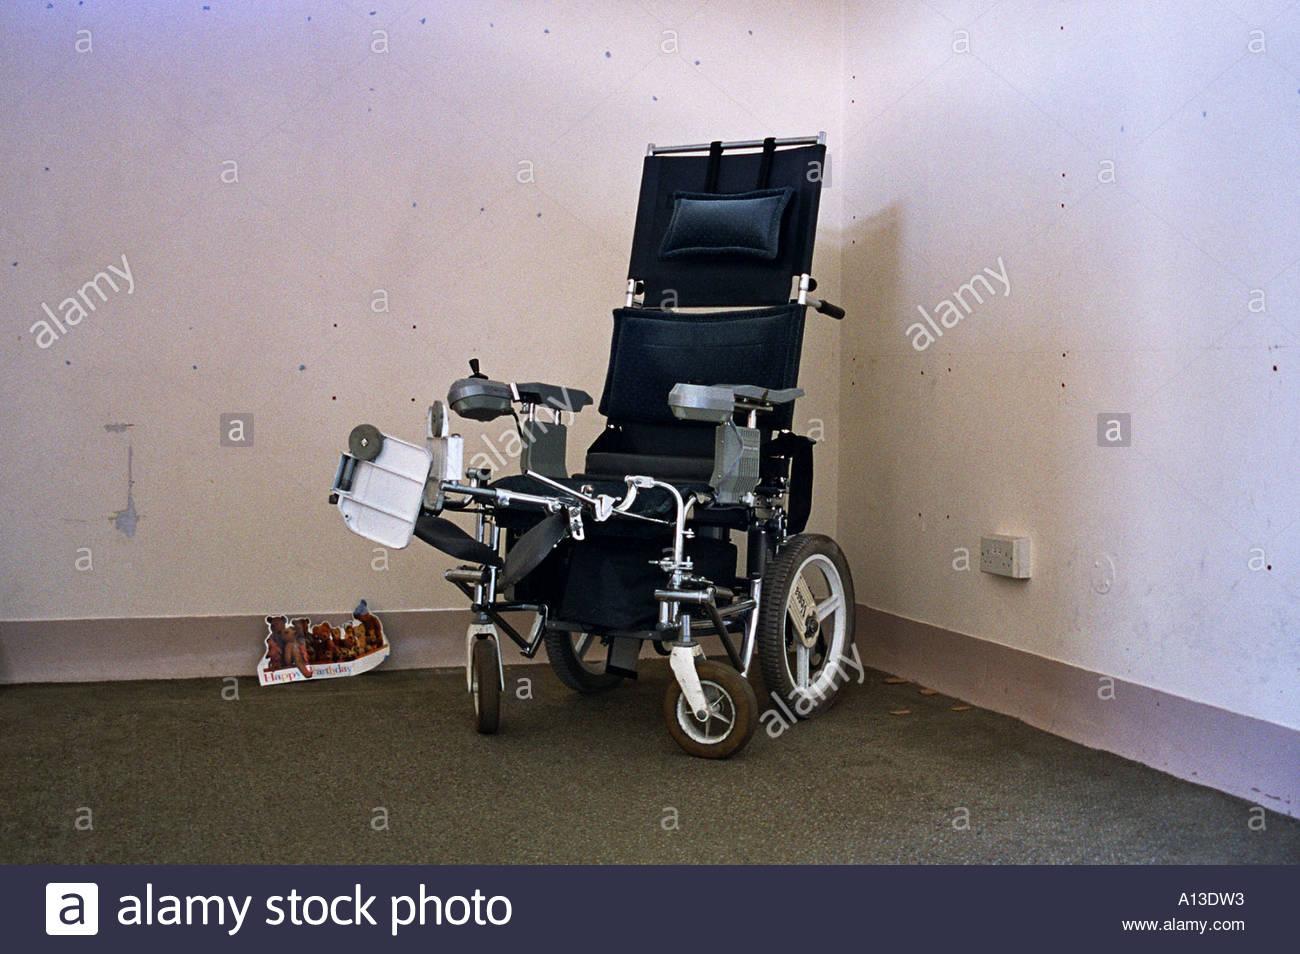 Electric Wheelchair Stock Photos Amp Electric Wheelchair